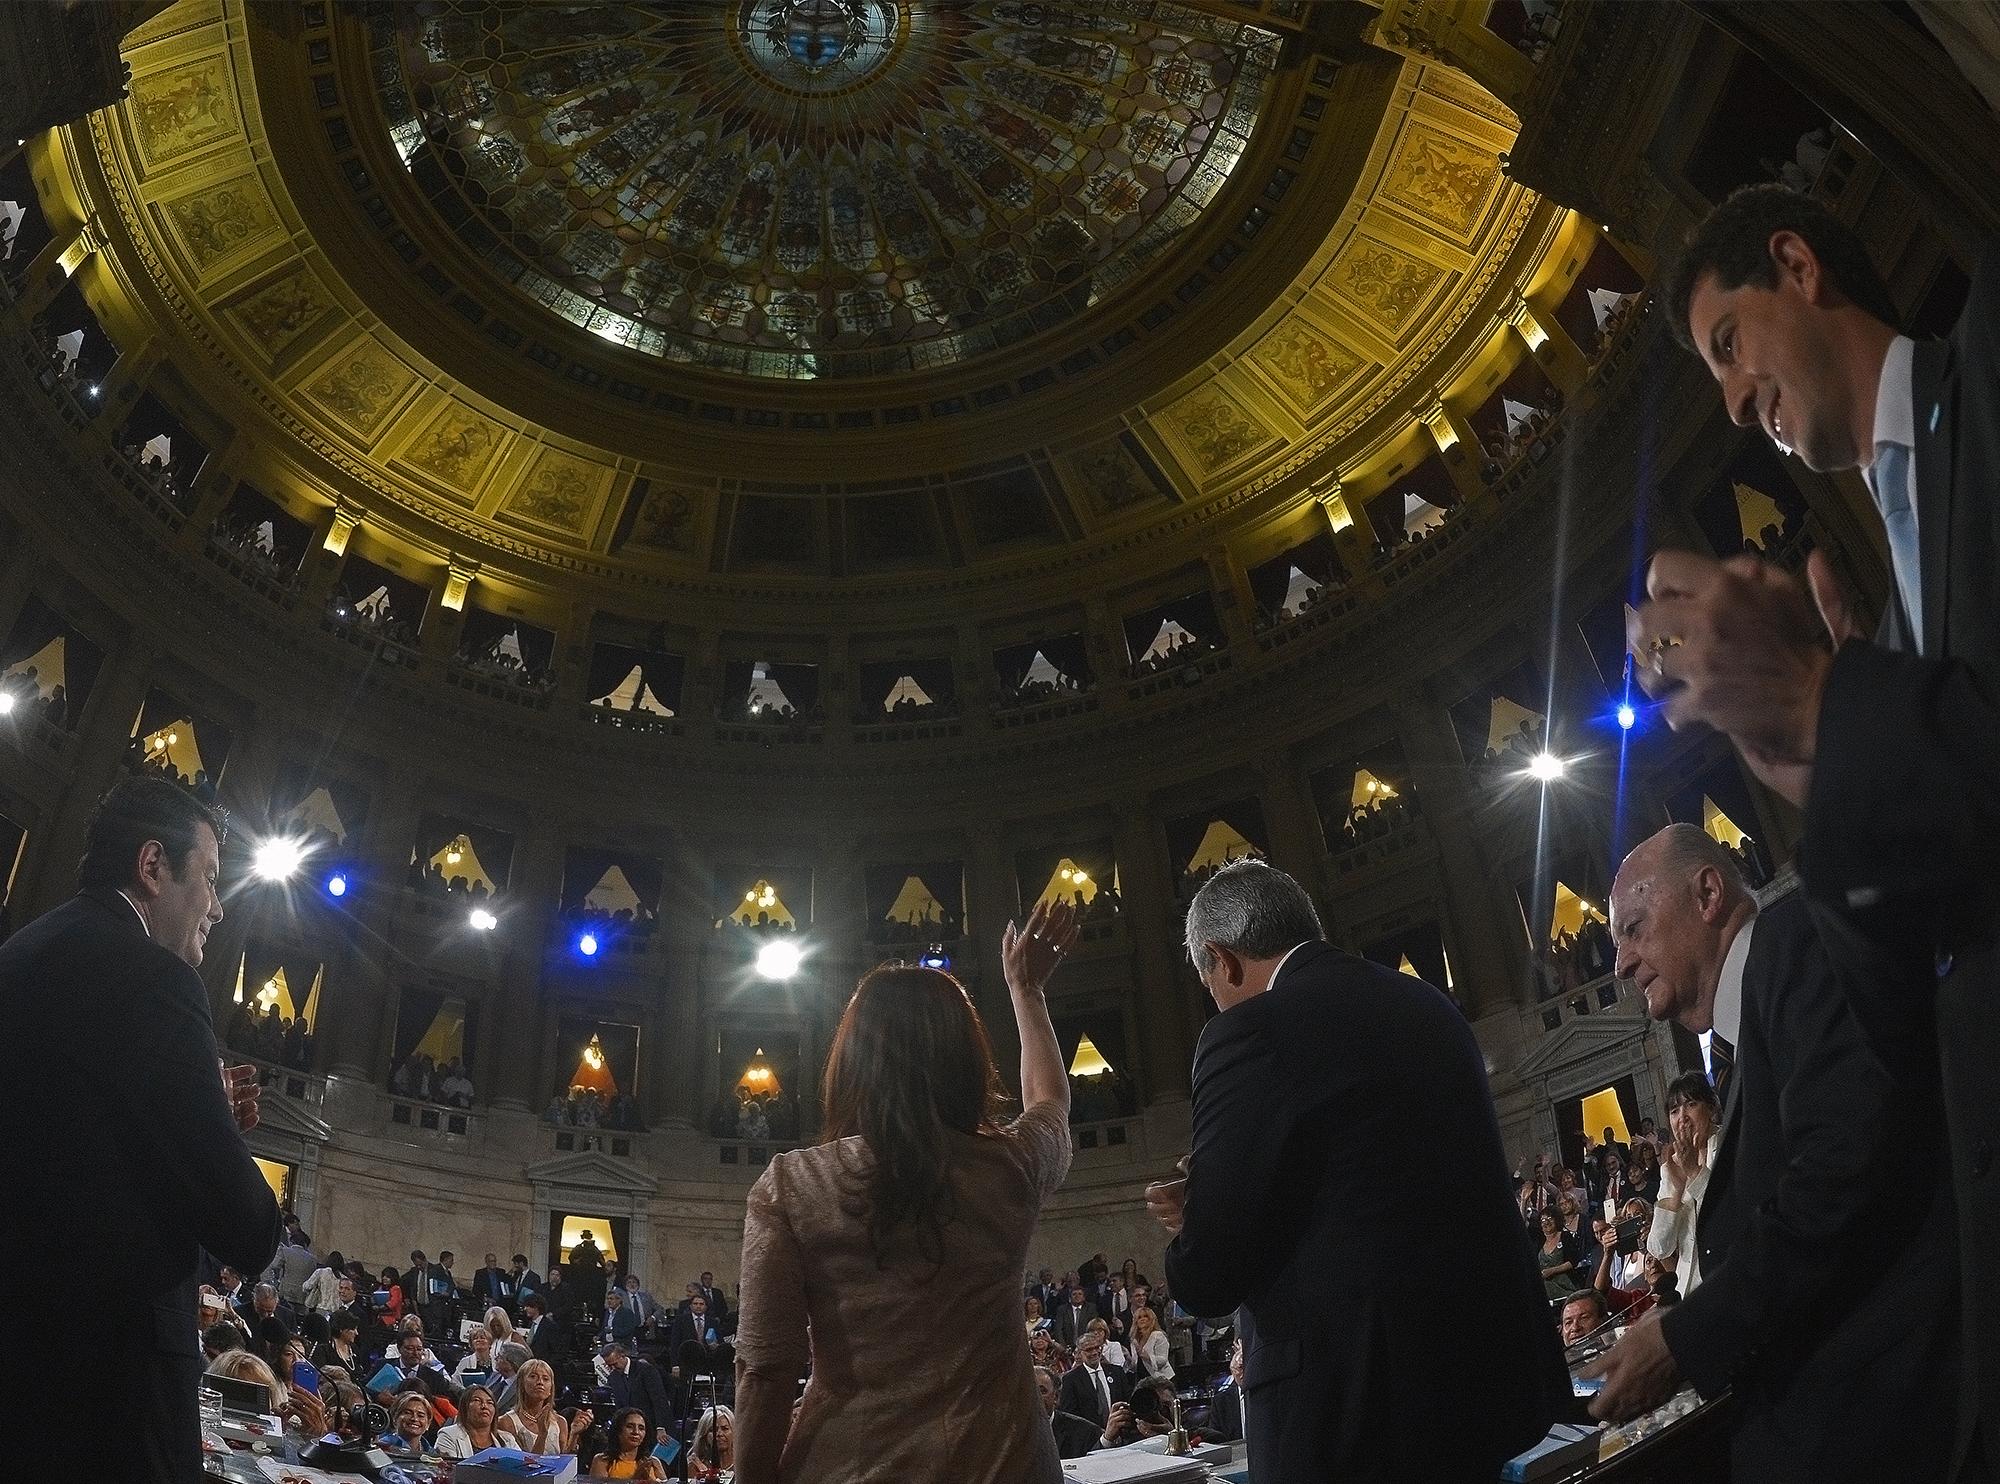 Apertura del 133° período de sesiones ordinarias del Congreso de la Nación.